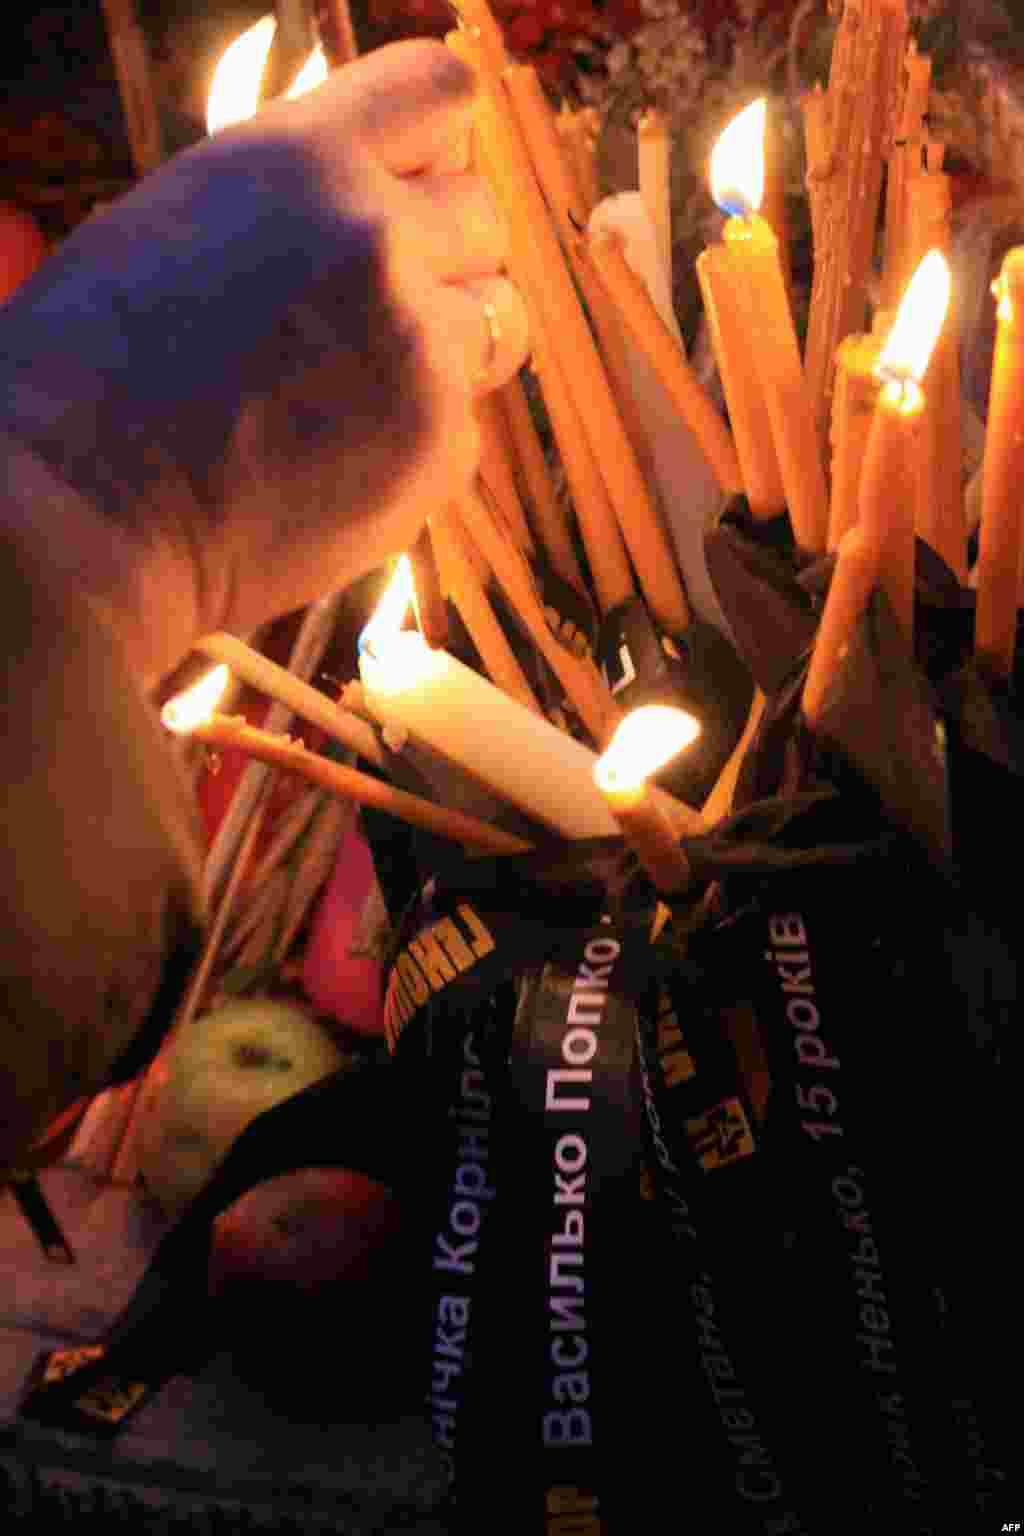 Тысячи свечей зажгли 26 ноября в Киеве. На траурных лентах имена детей и подростков